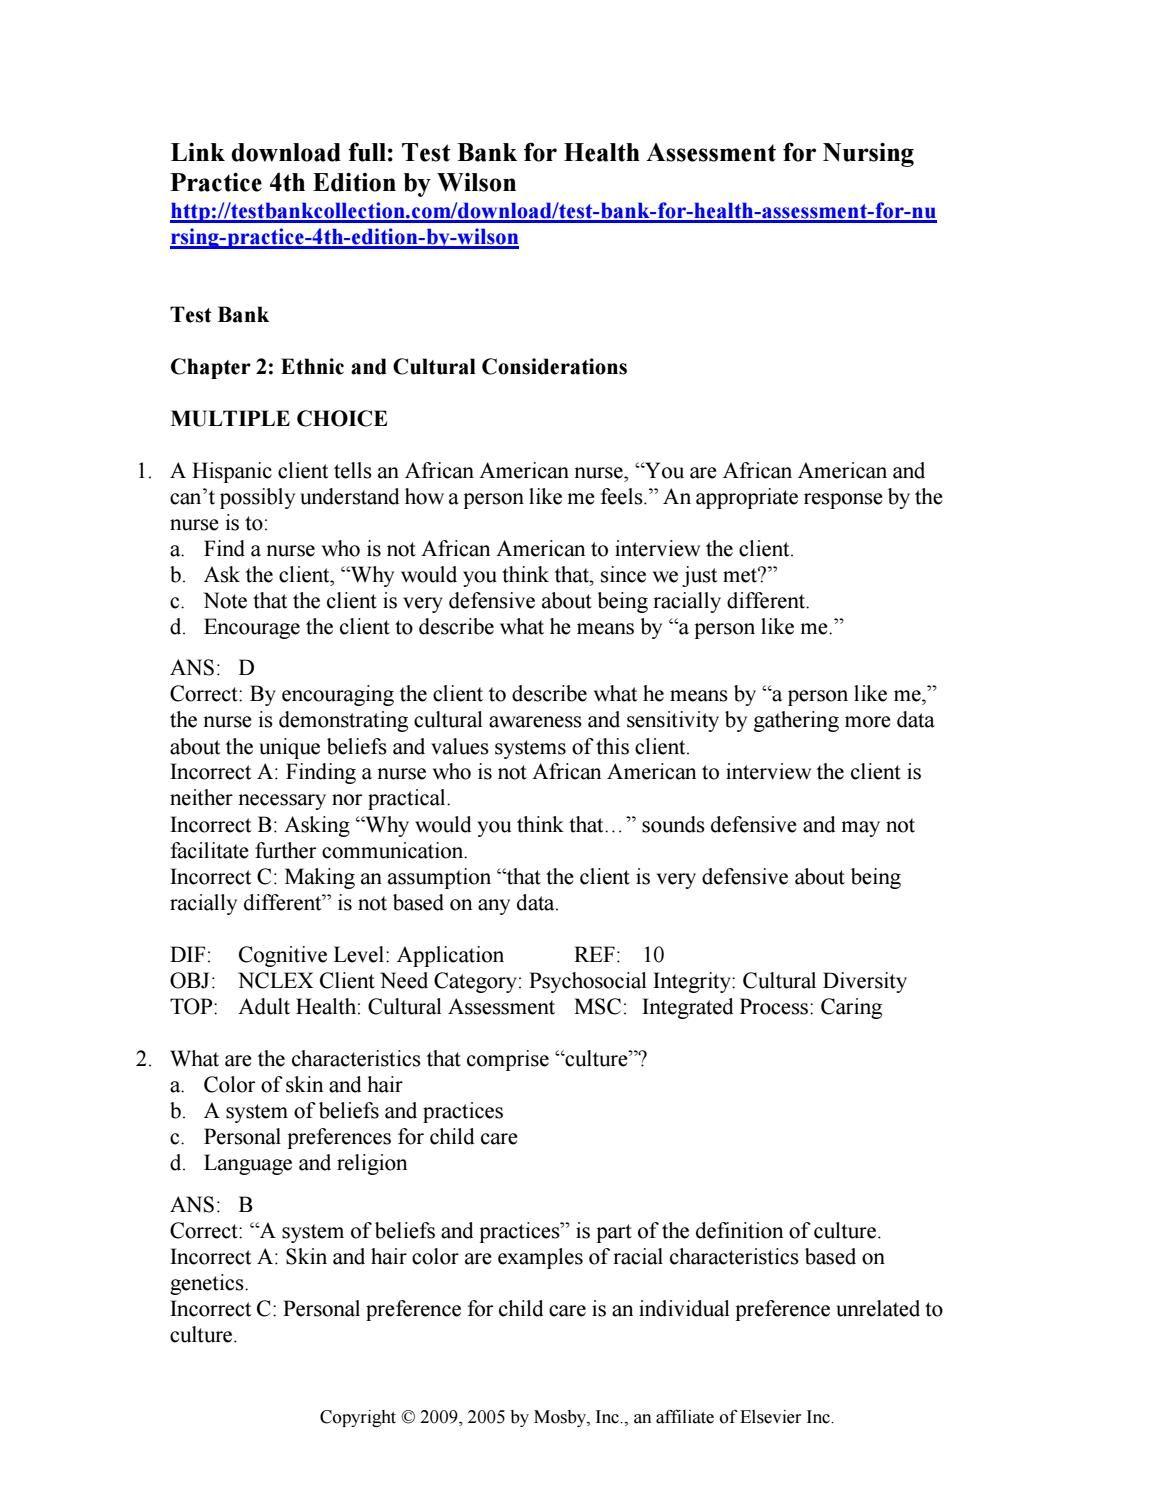 Ghim Tren Test Bank For Health Assessment For Nursing Practice 4th